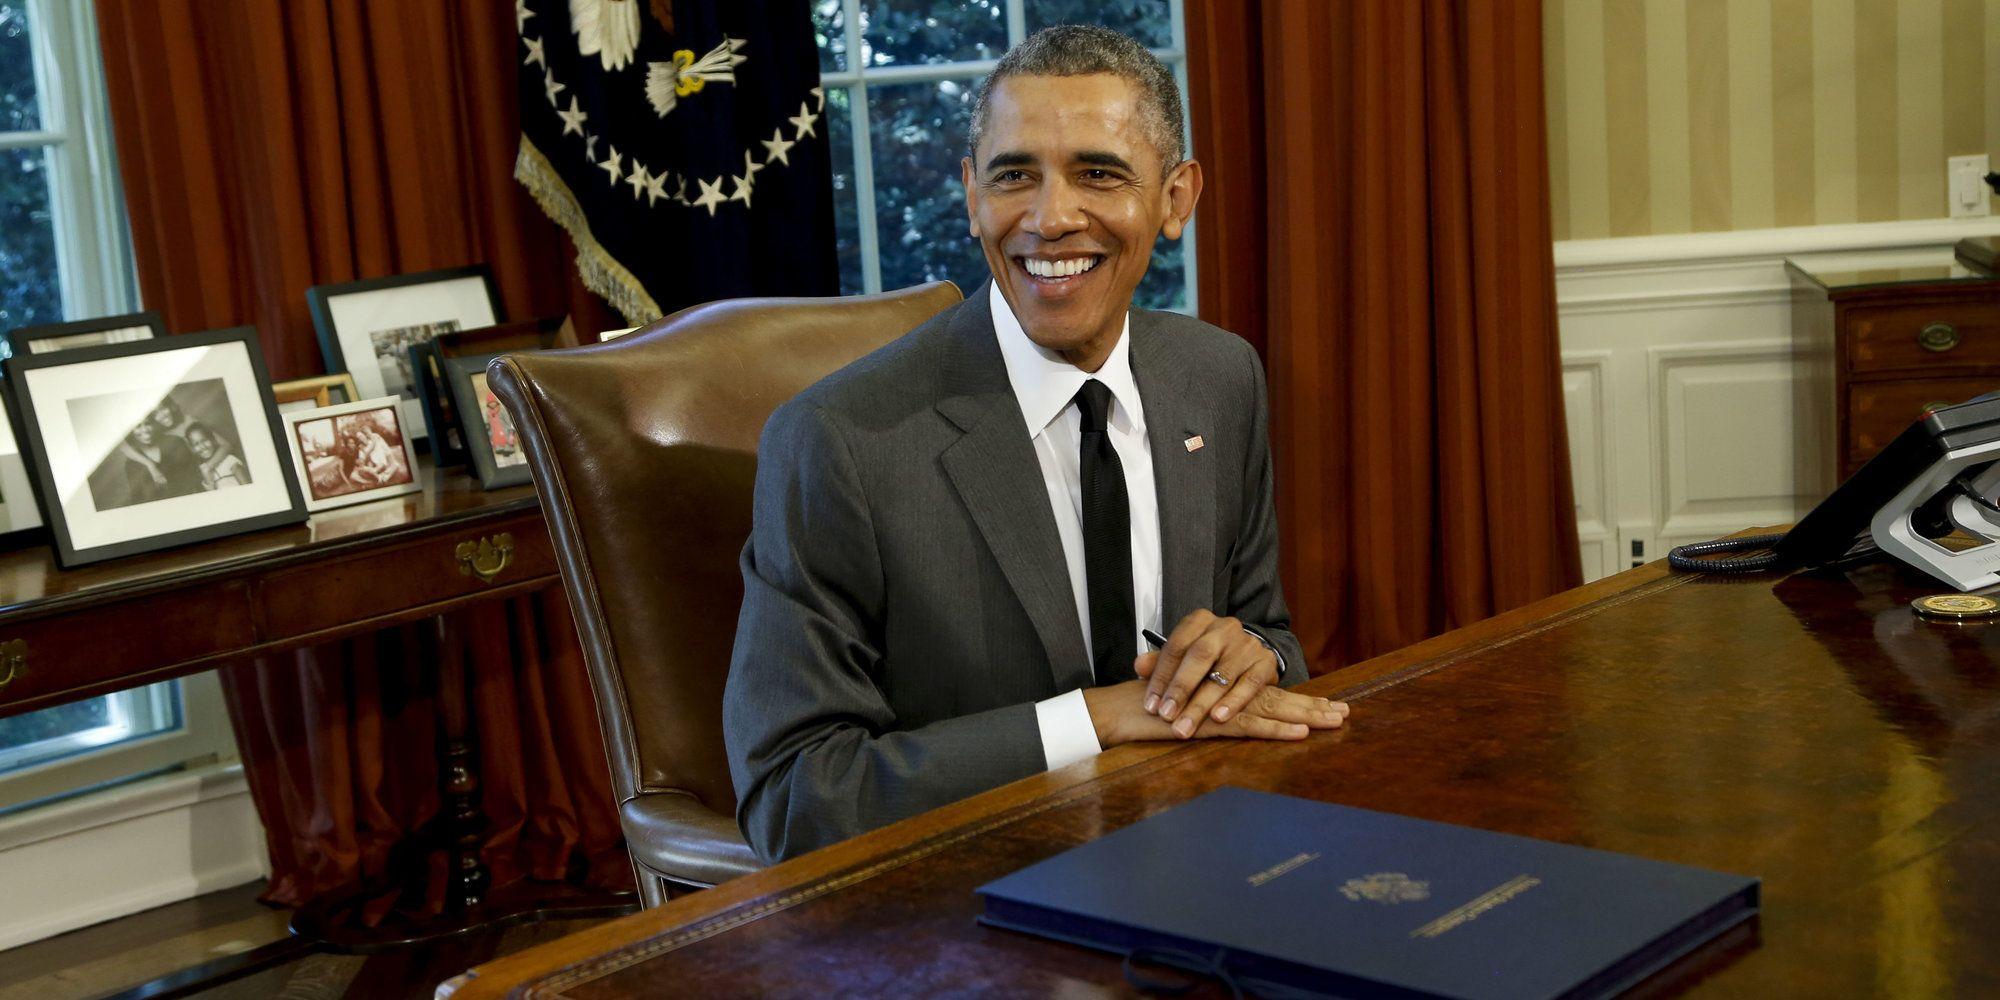 Ronald reagan and barack obama reagan pinterest ronald reagan and barack obama